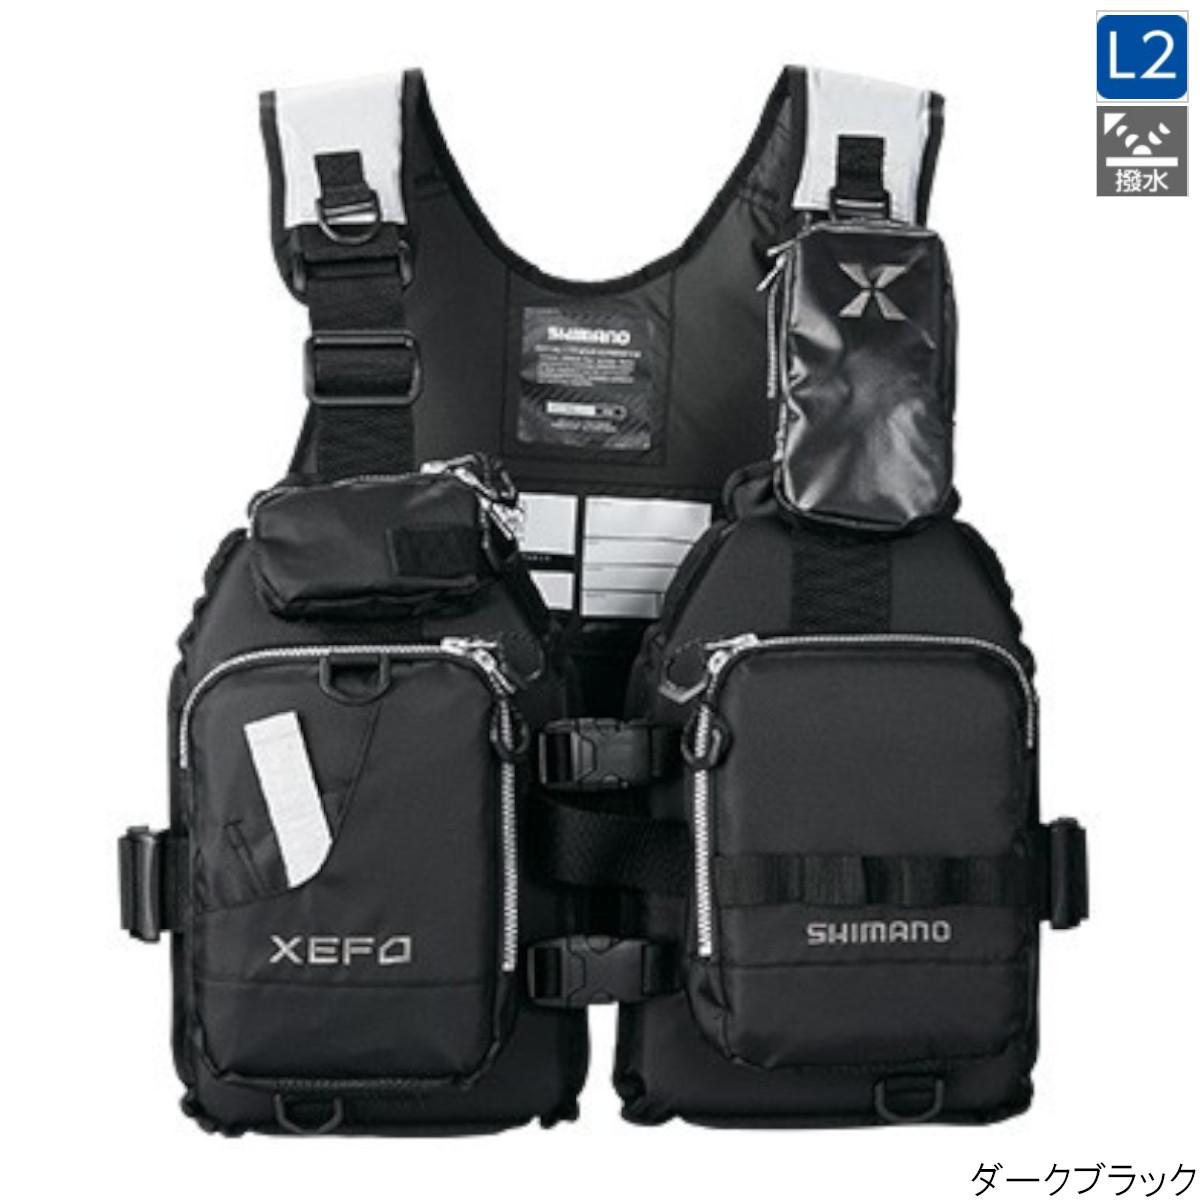 XEFO・ゲームベスト VF-278R フリー ダークブラック シマノ